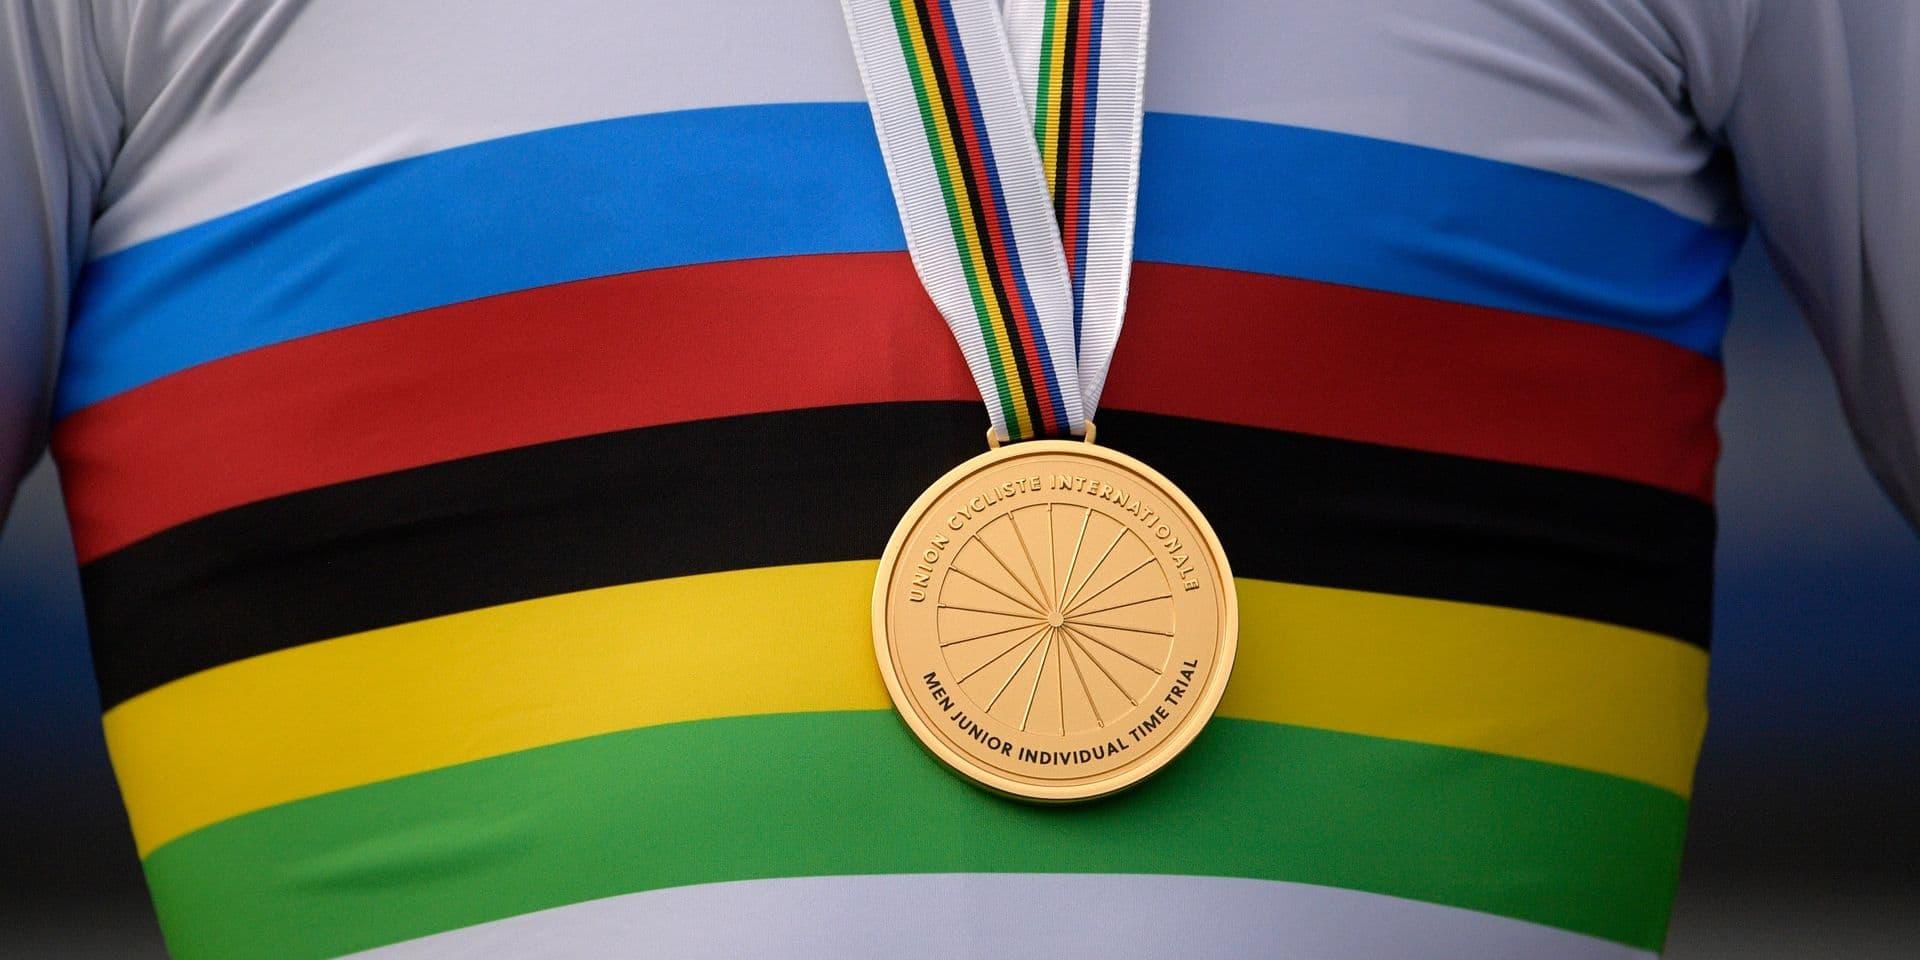 Imola accueillera les Mondiaux de cyclisme en 2020